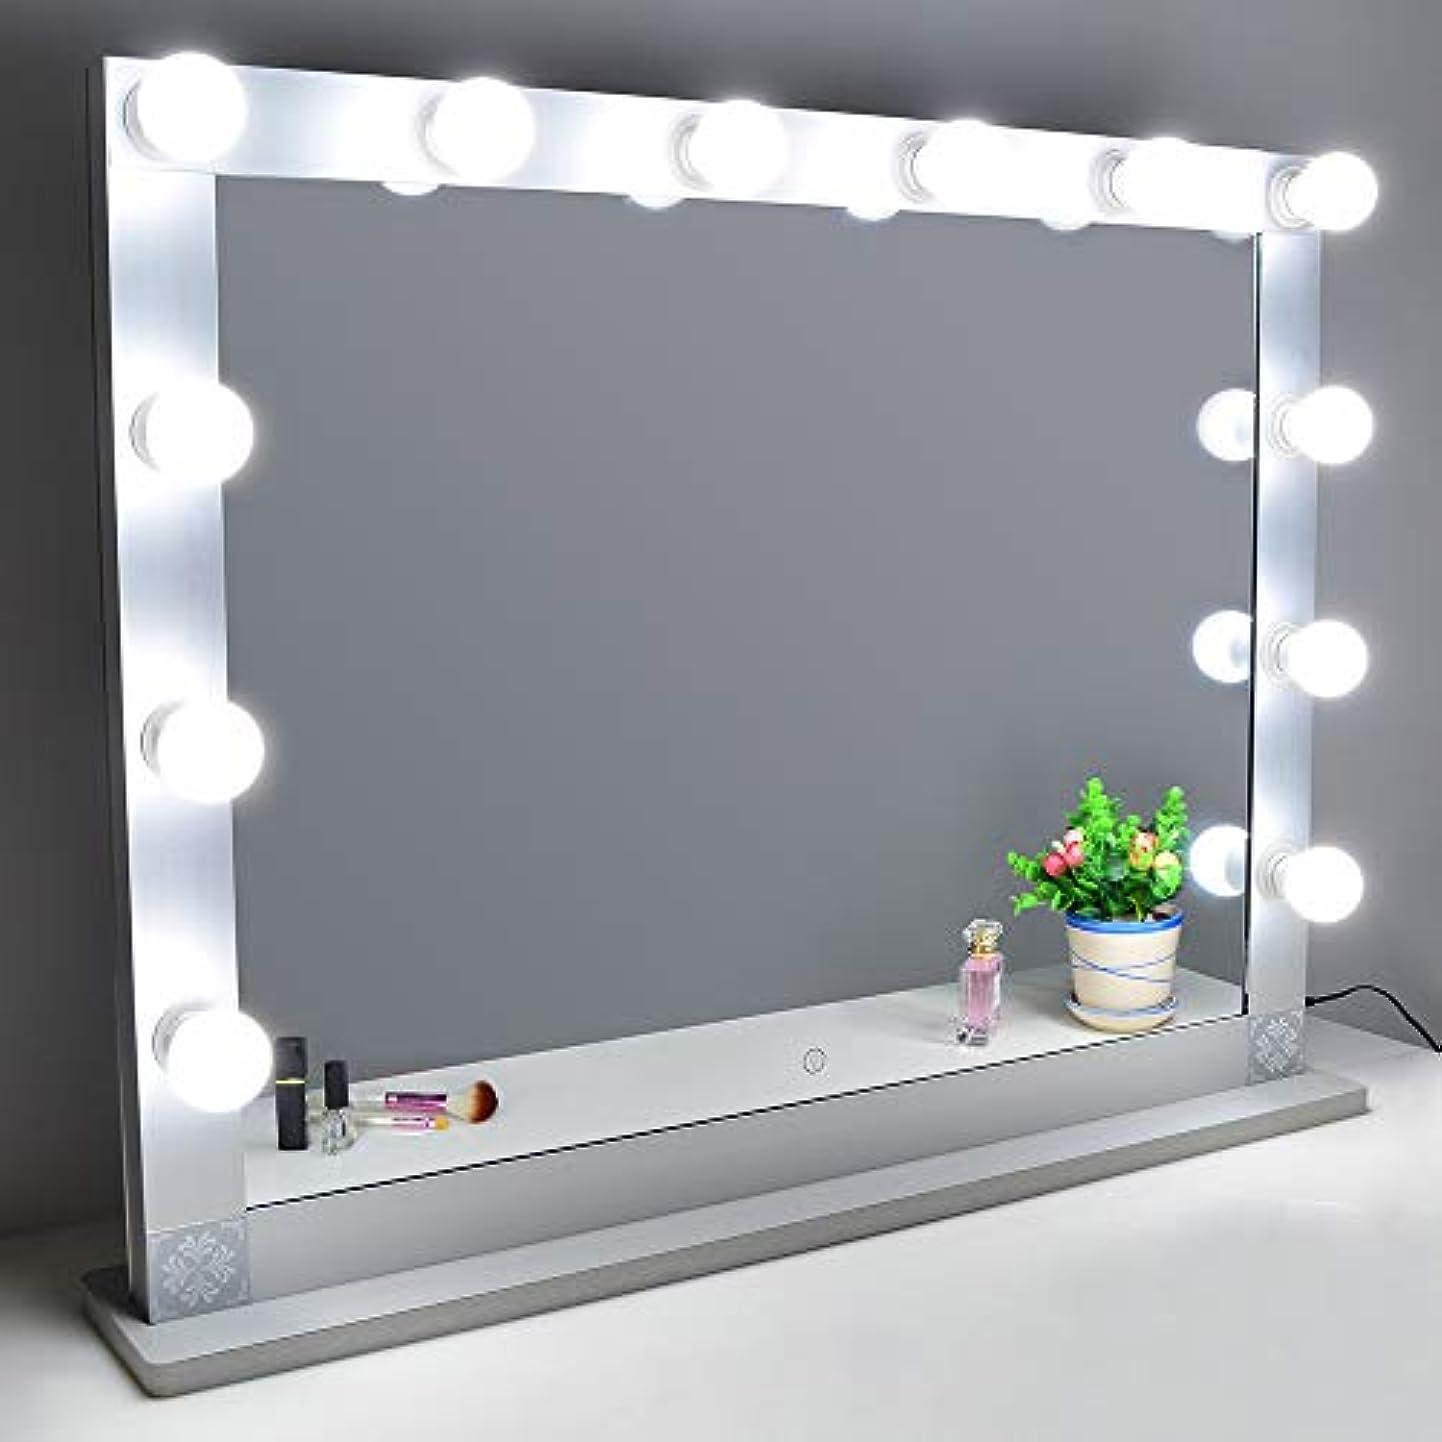 疲労拮抗浴室Nitin 女優ミラー 大型化粧鏡 ハリウッドミラー 12個LED電球付き 無段階調光 スタンド付き USB差込口付き 卓上ミラー 女優ライト ドレッサー/化粧台に適用(85*66.5cm)